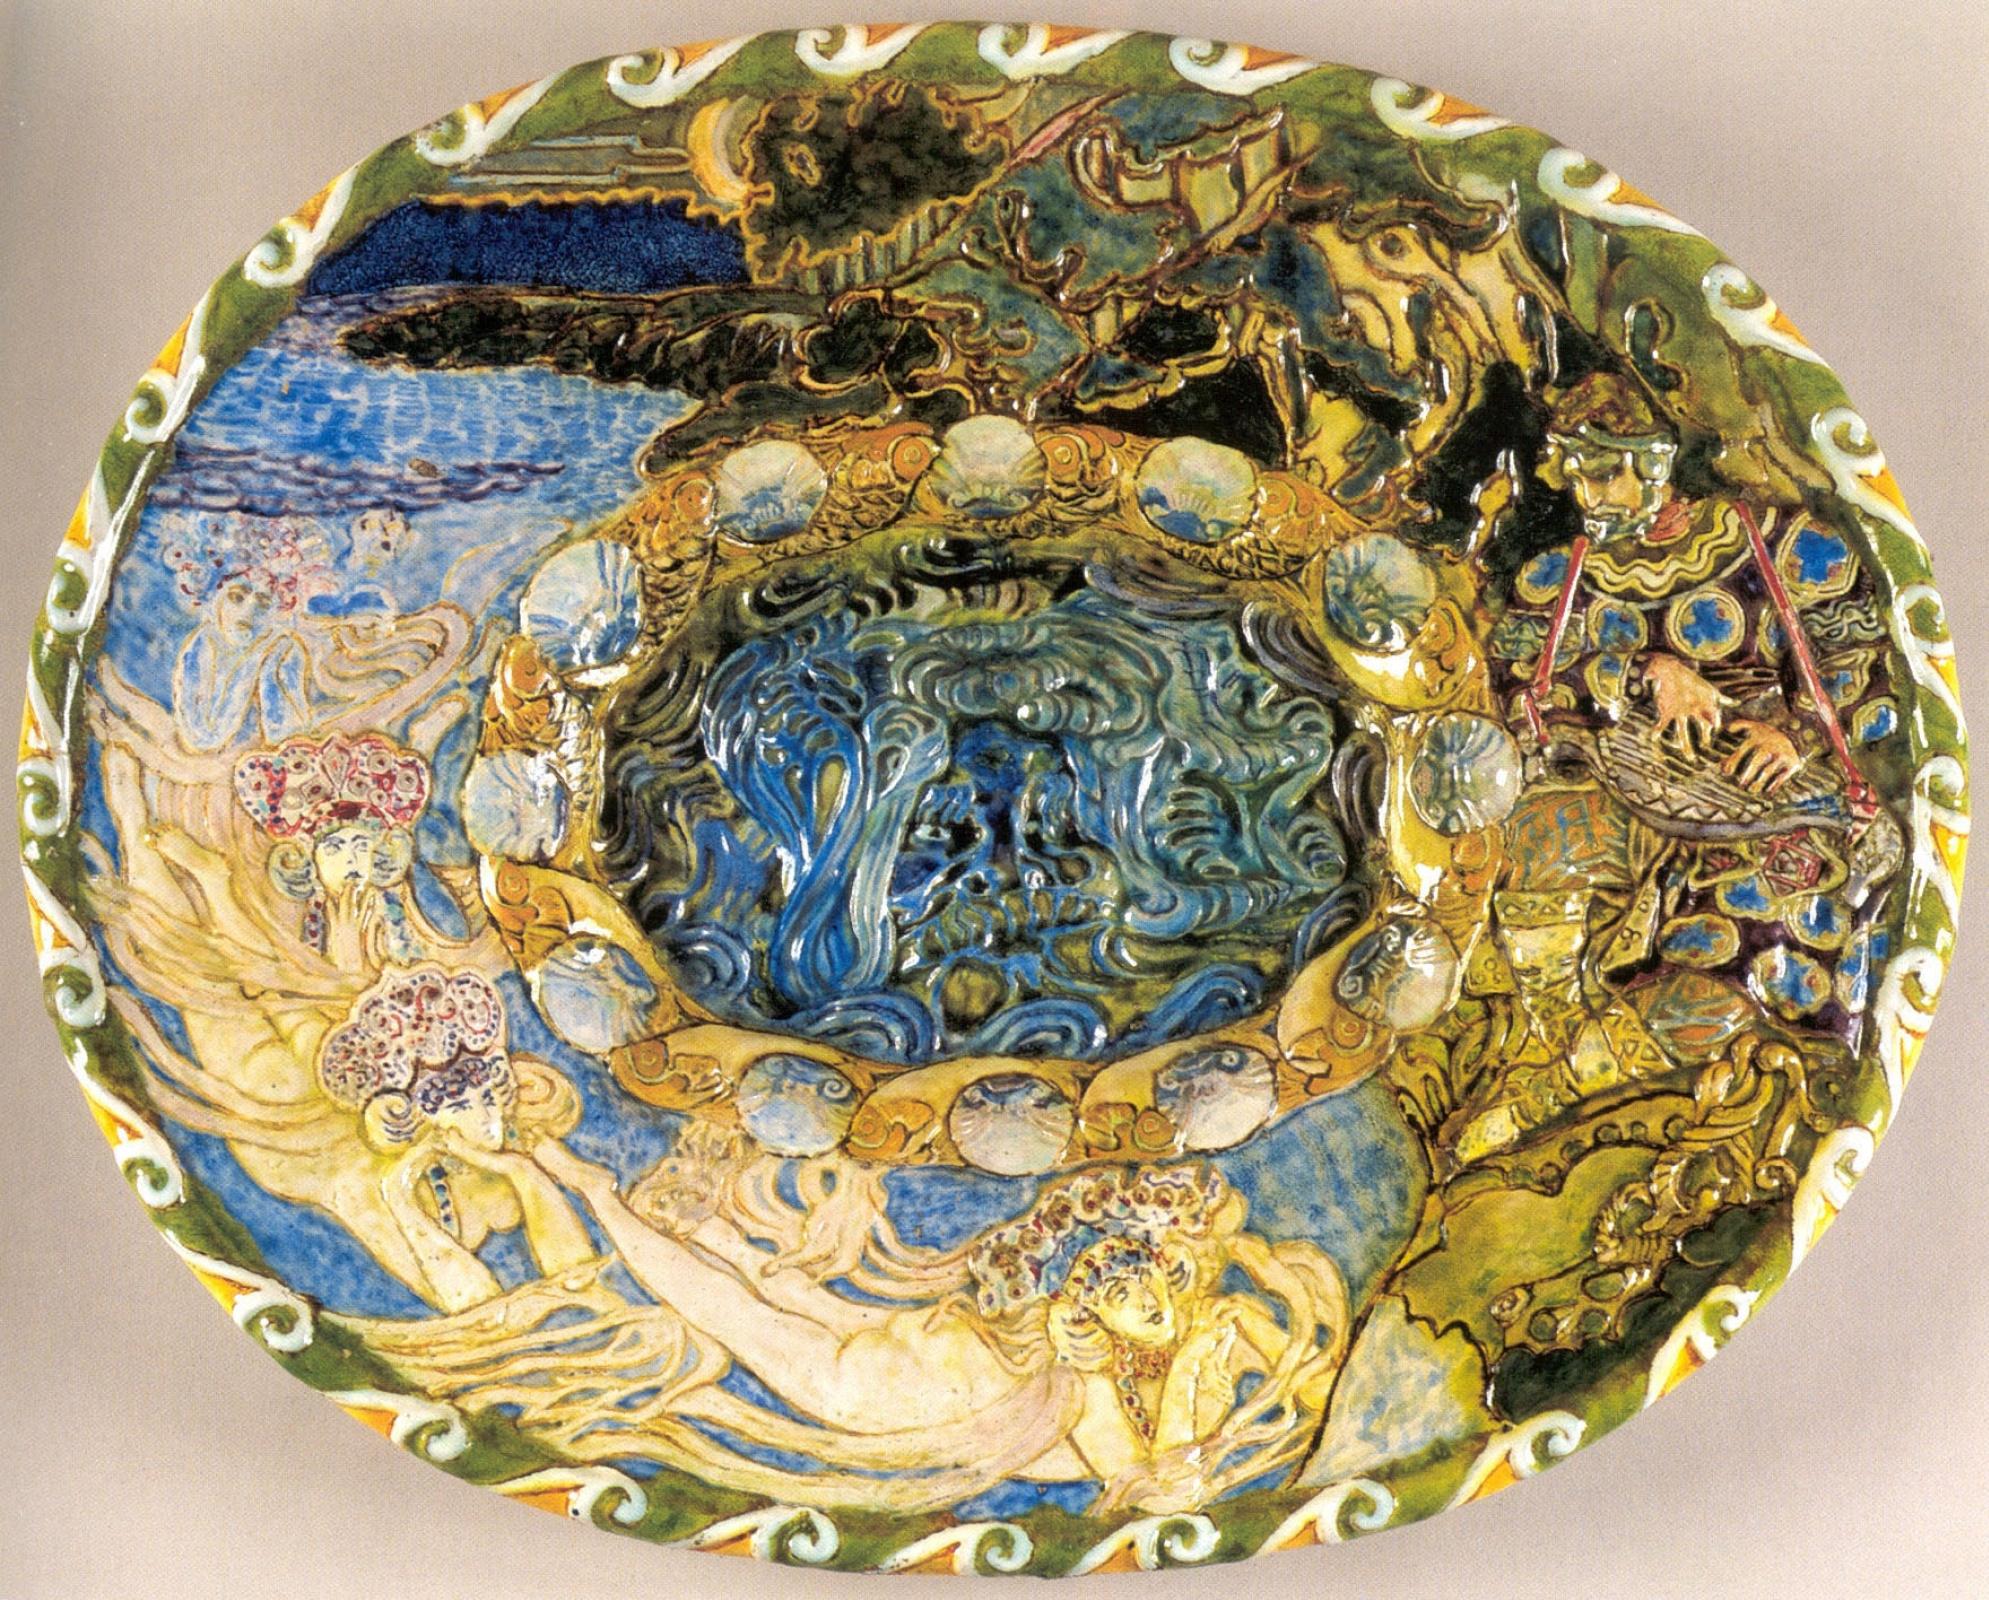 Mikhail Vrubel. Sadko dish, 1899—1900. Abramtsevo ceramic studio. Majolica, coloured glaze. The Russ